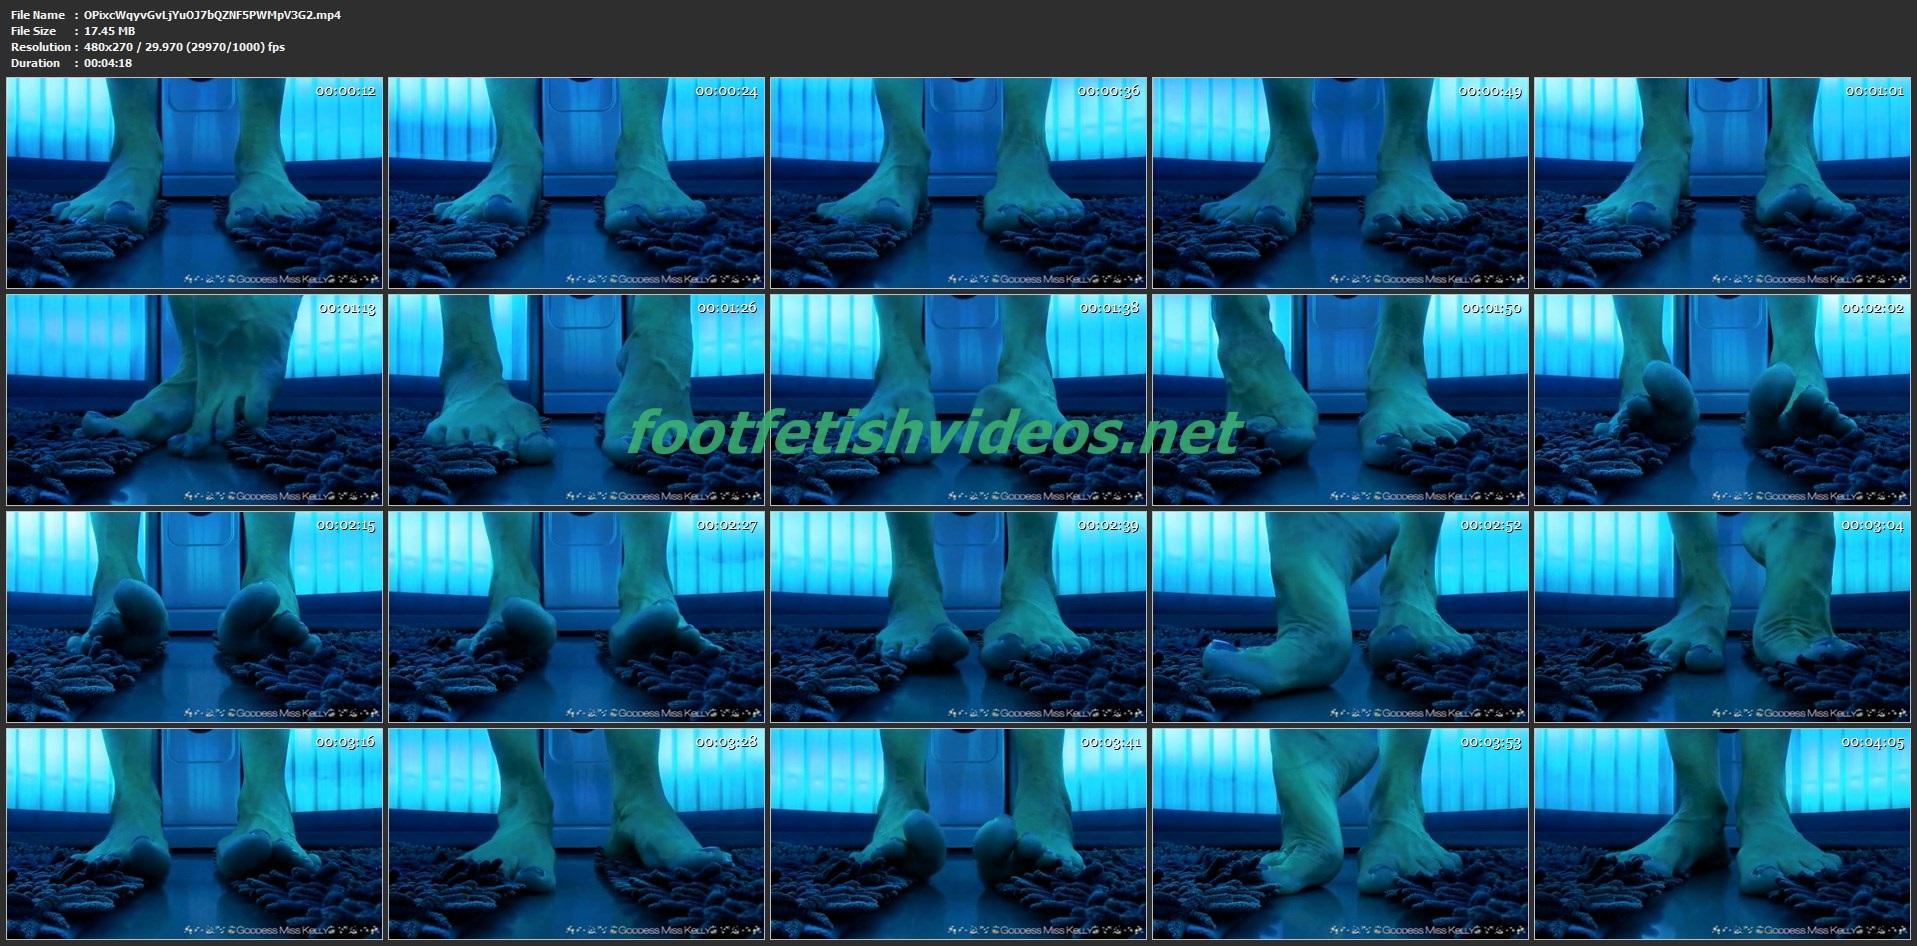 goddessmskelly-OPixc-Wqyv-Gv-Lj-Yu-OJ7b-QZNF5-PWMp-V3-G2-mp4